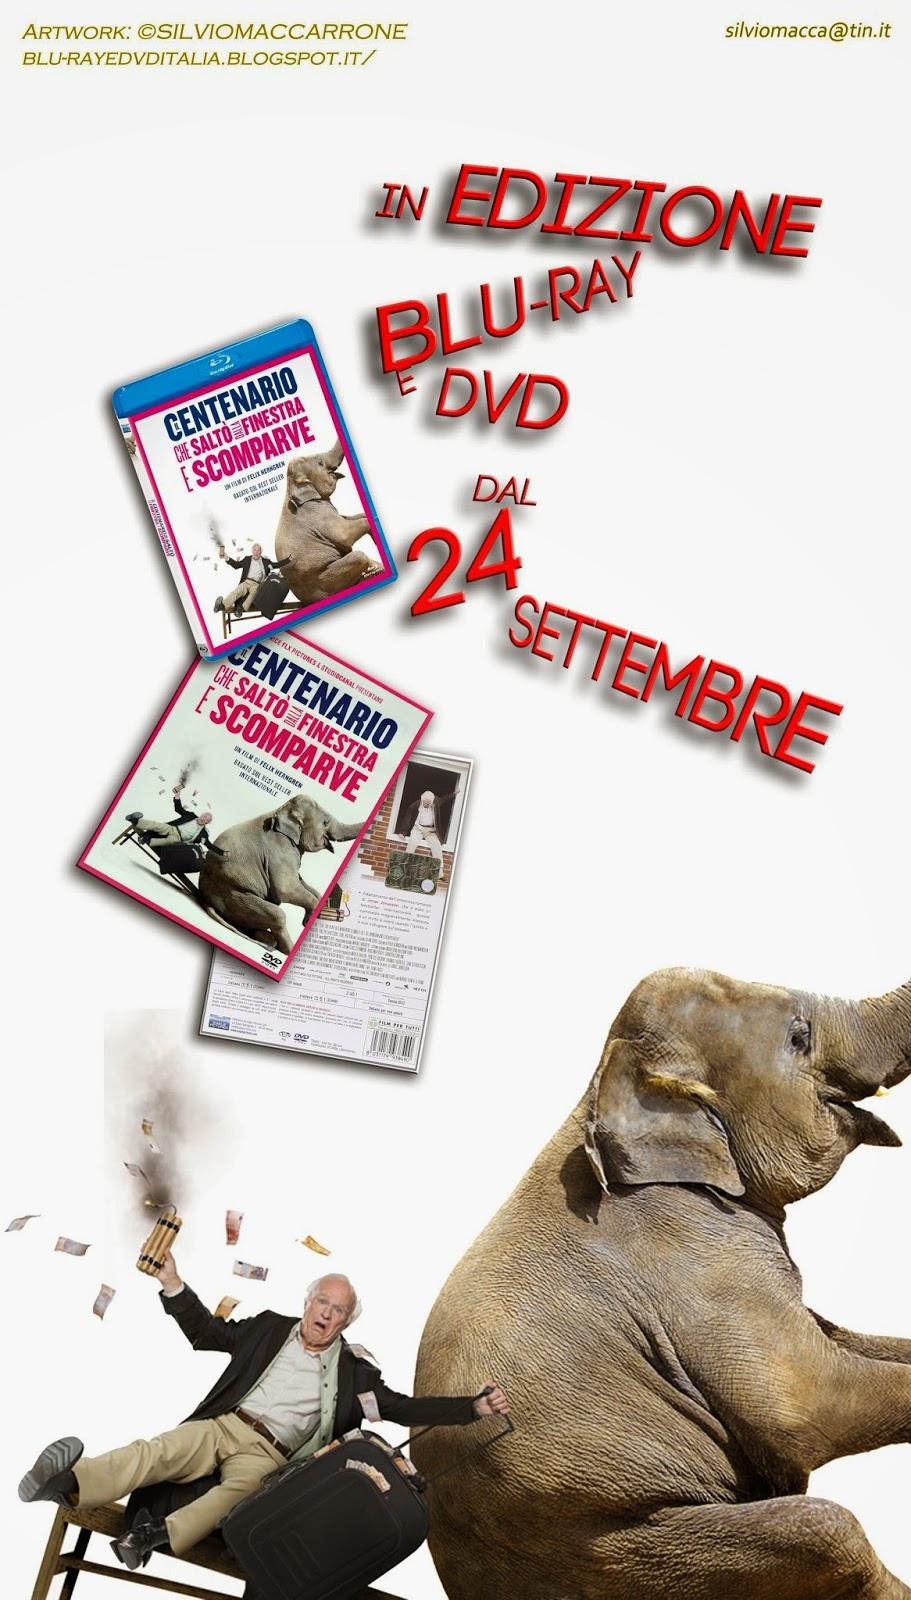 Blu ray dvd italia il centenario che salt dalla finestra e scomparve in edizione blu ray e - Il centenario che salto dalla finestra e scomparve libro ...